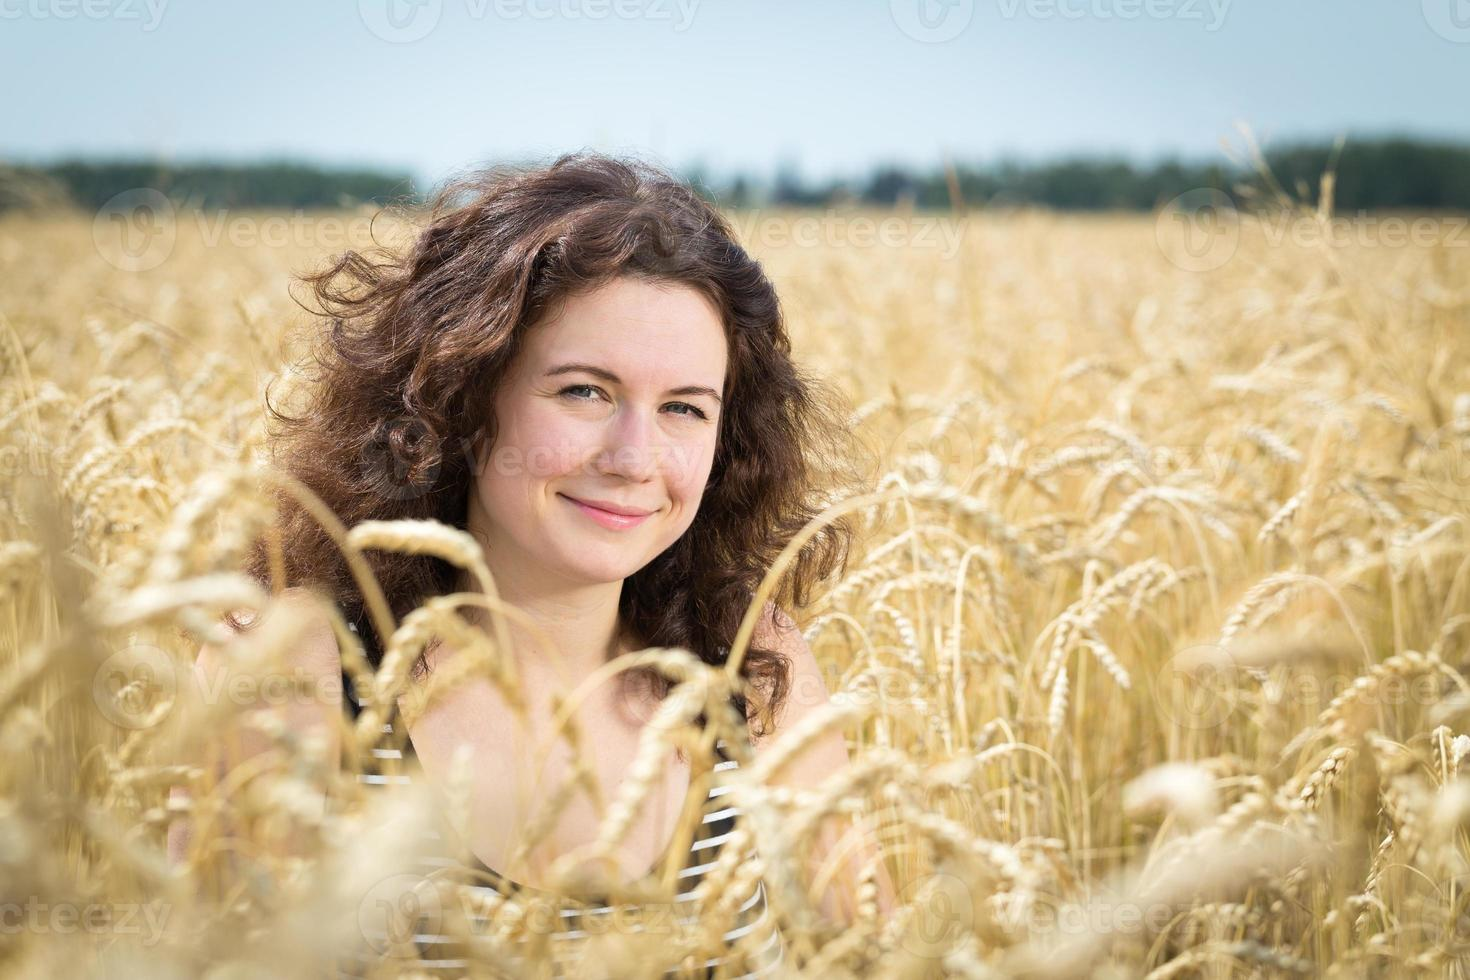 meisje in veld met tarwe. foto